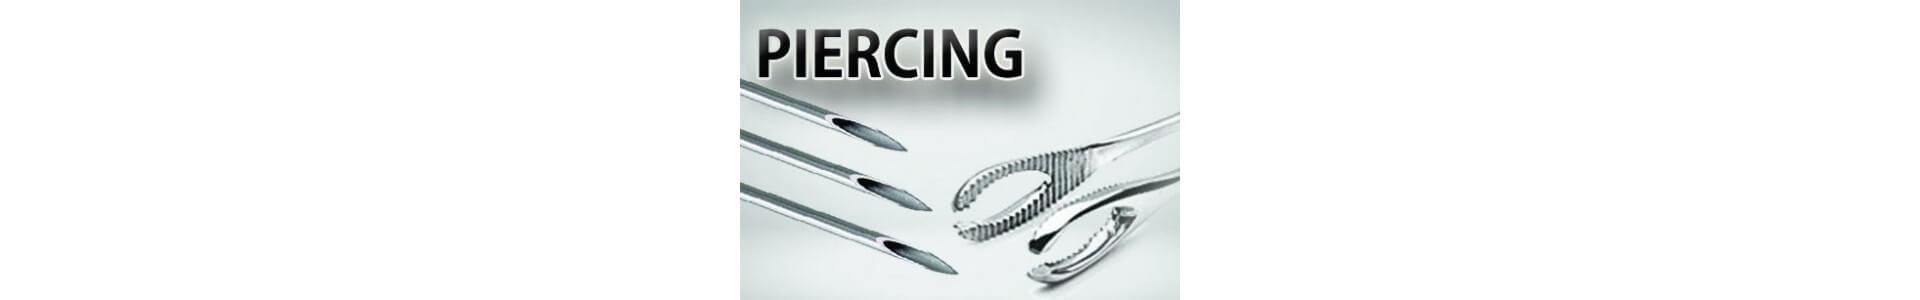 Aghi per Piercing  - Tattoo Supplies